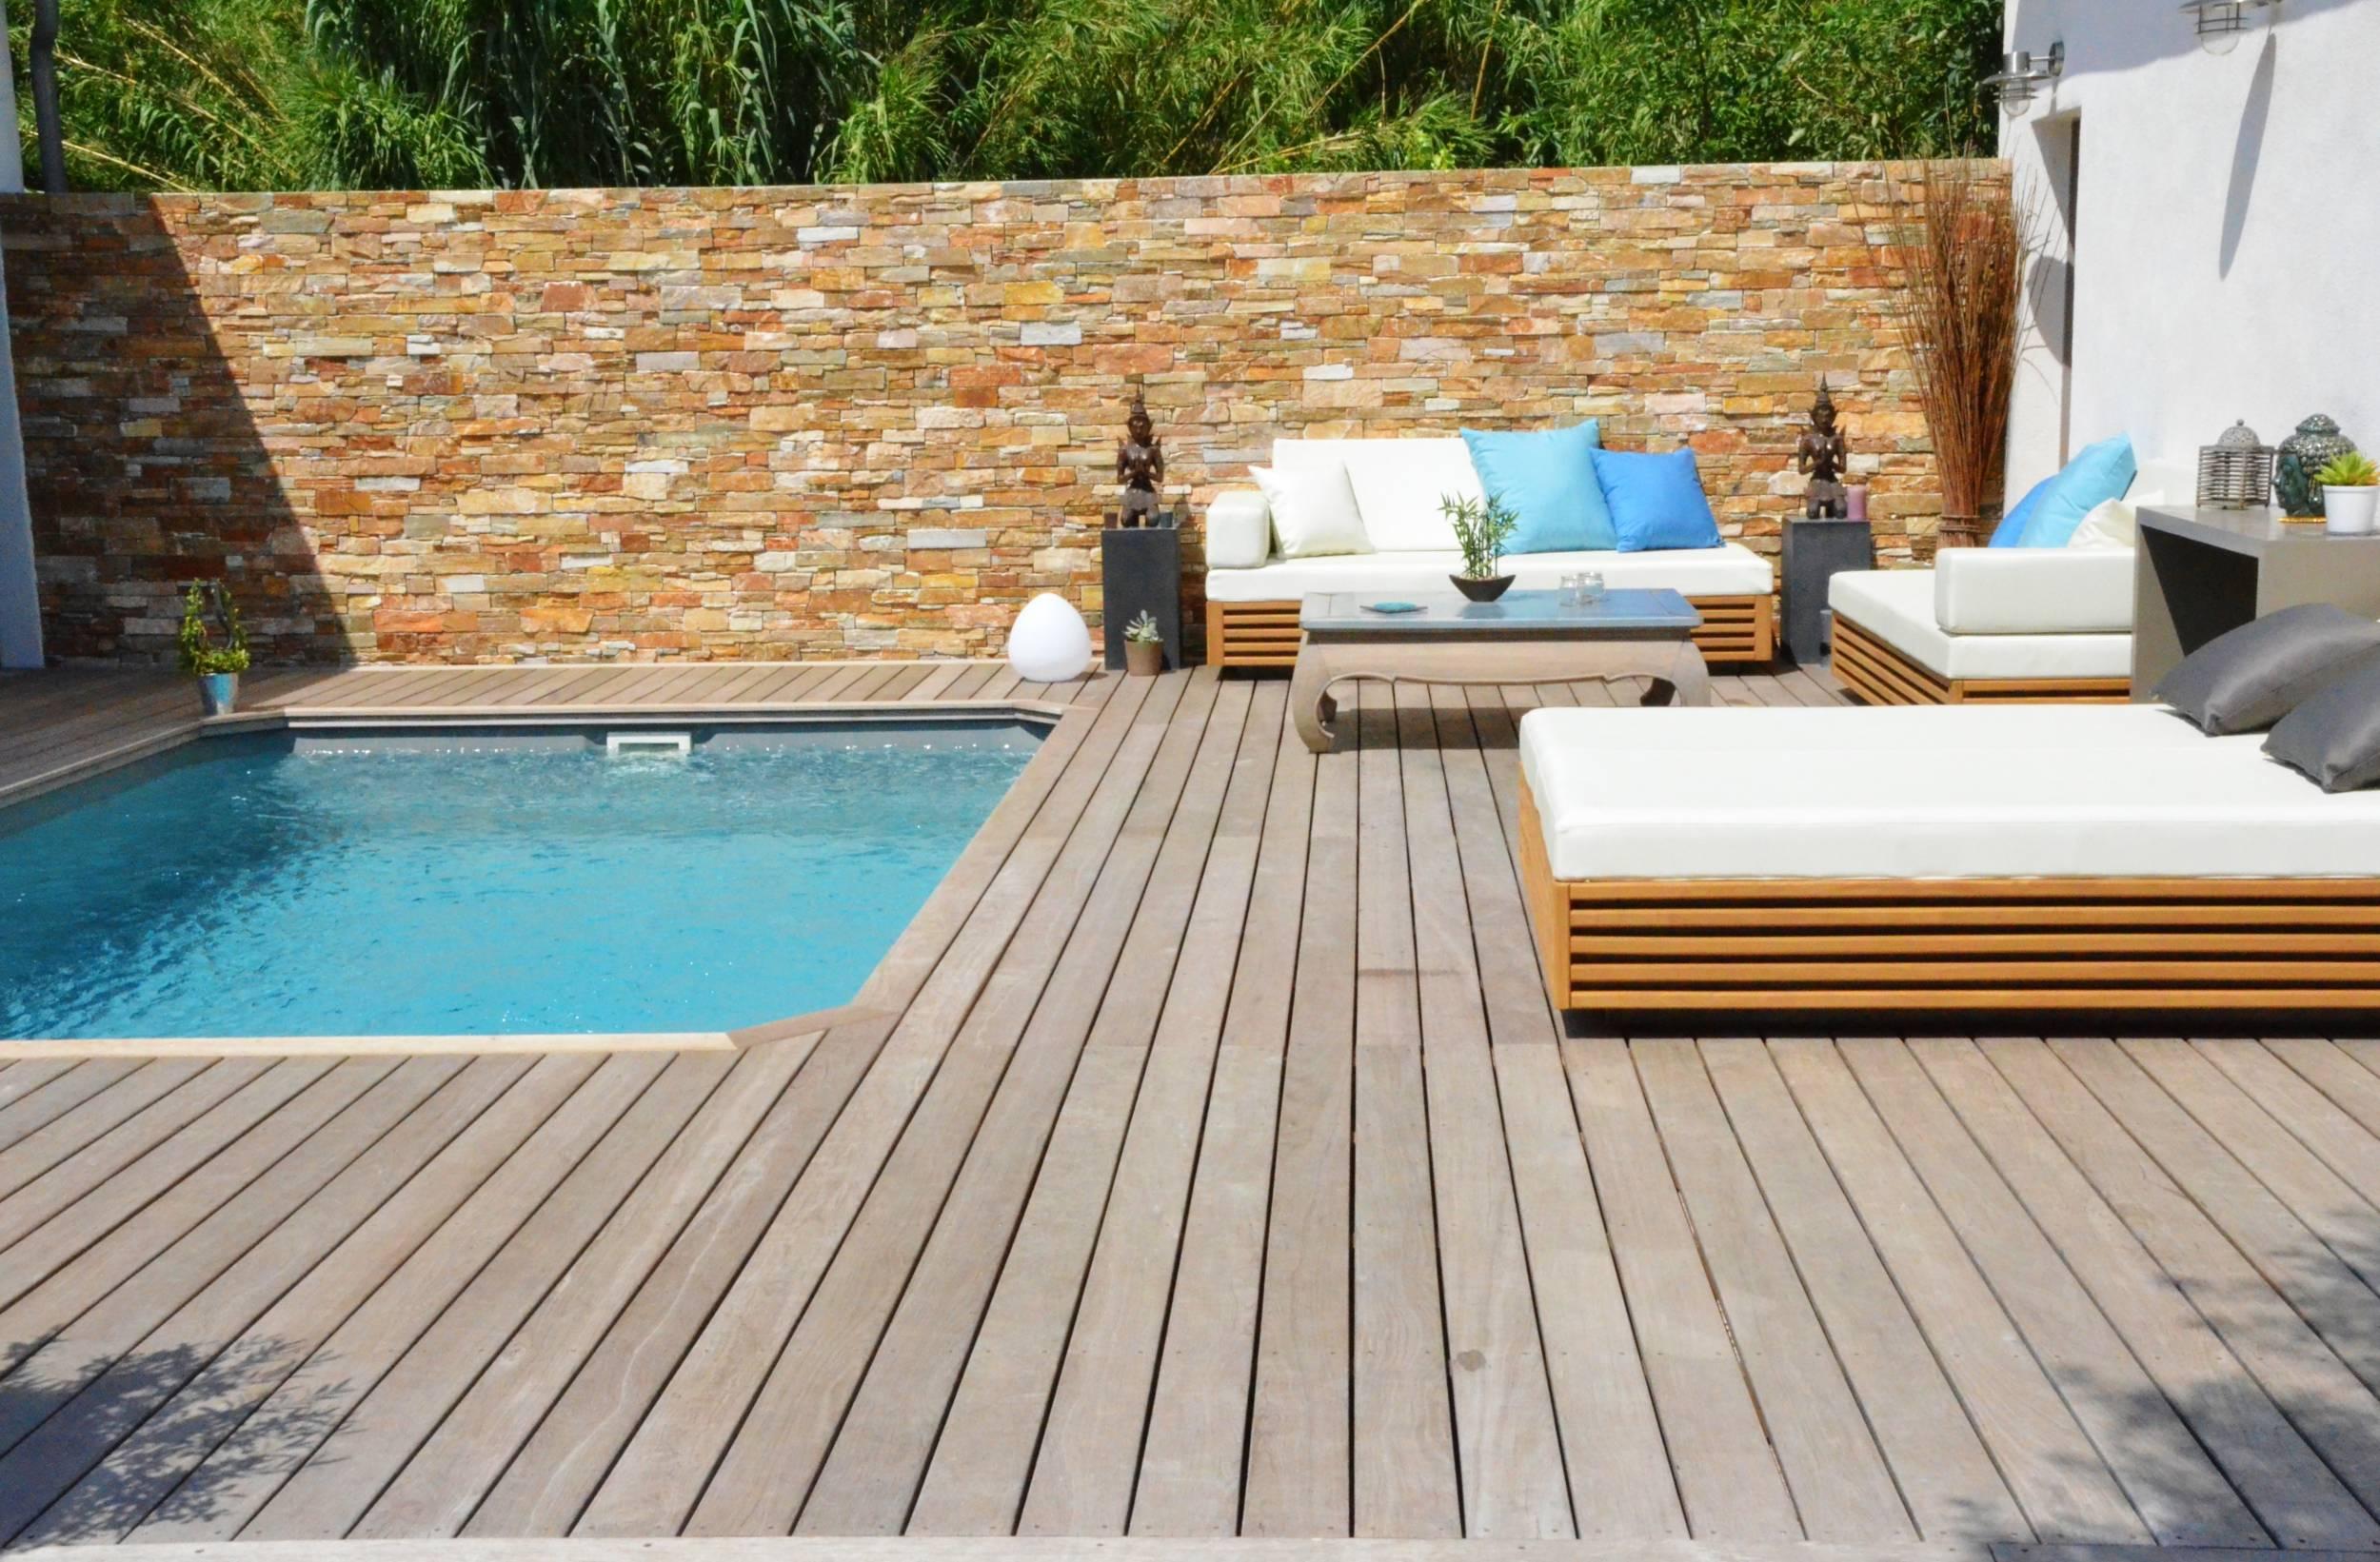 Plage de piscine en bois a saint victoret am nagement de - Amenagement piscine bois aixen provence ...